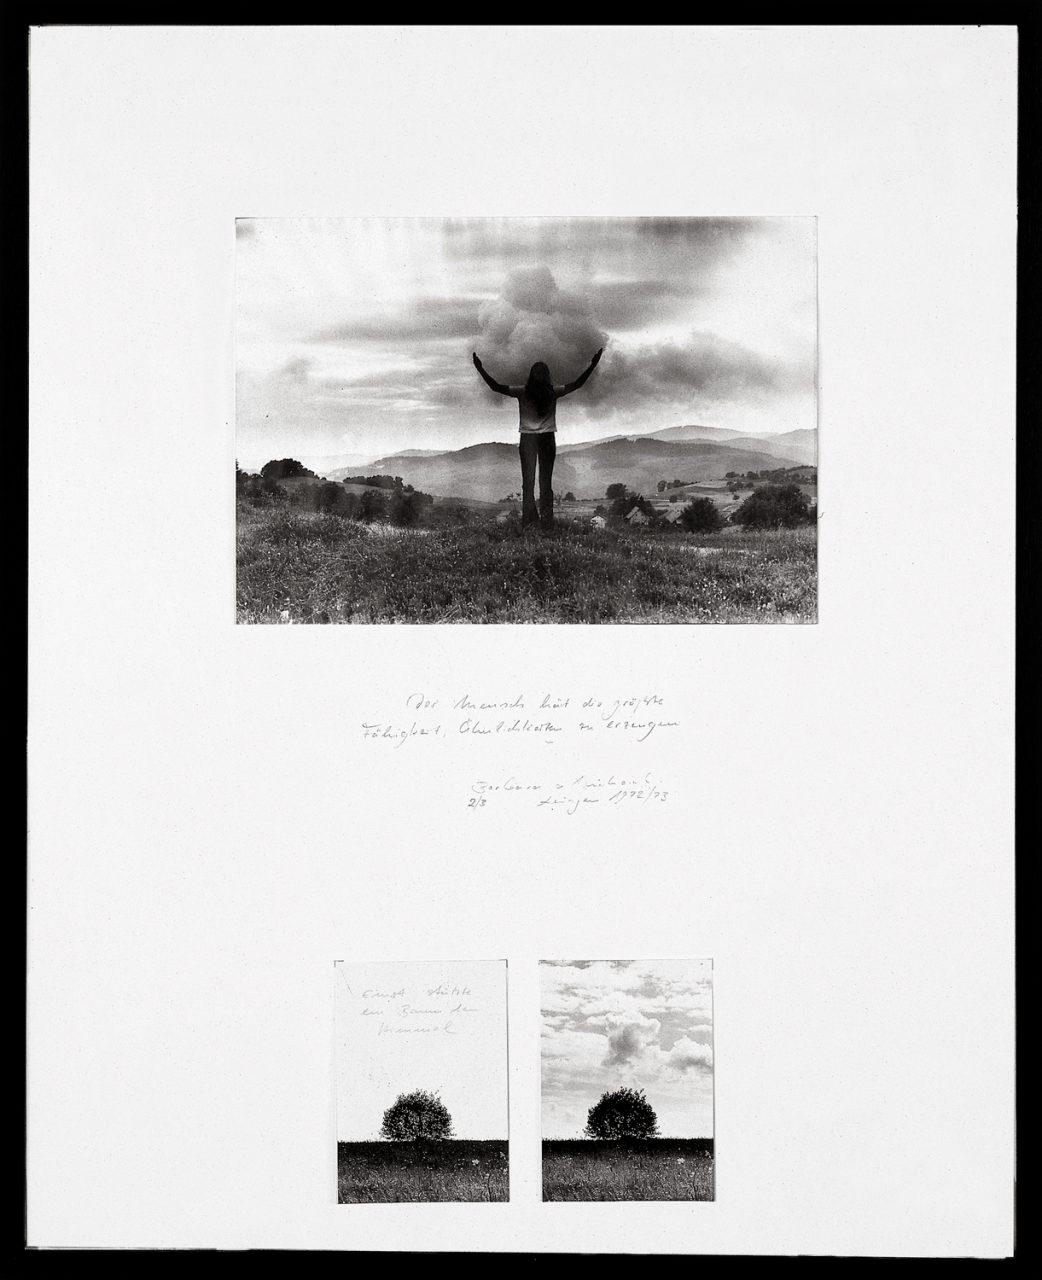 Der Mensch hat die größte Fähigkeit, Ähnlichkeit zu erzeugen | 1972-1973 | Silver gelatin prints mounted on paper | 90,5 x 73,5 cm